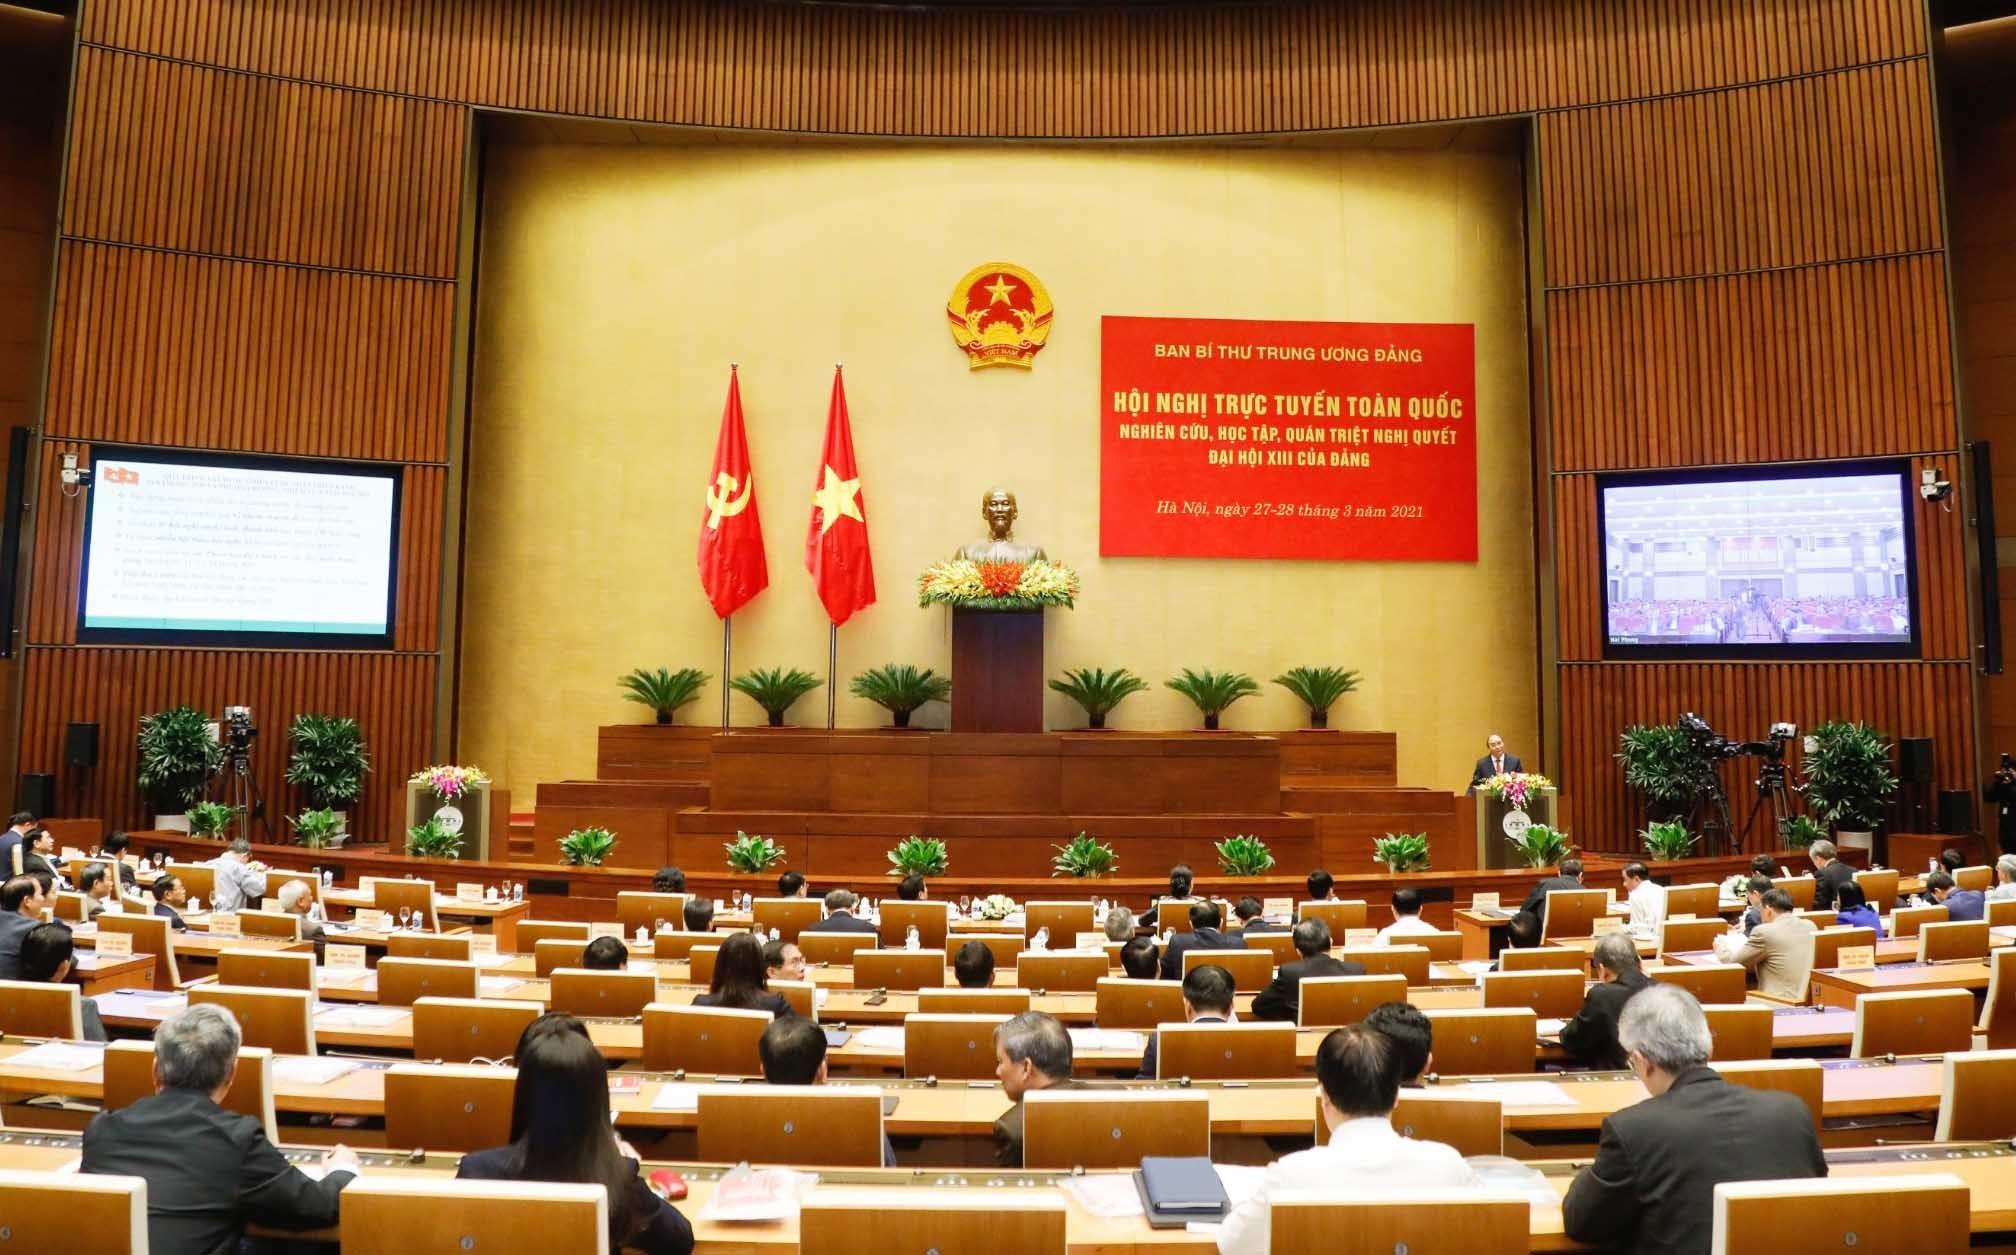 Thủ tướng: Phải đổi mới tư duy phát triển, quyết liệt chuyển đổi số